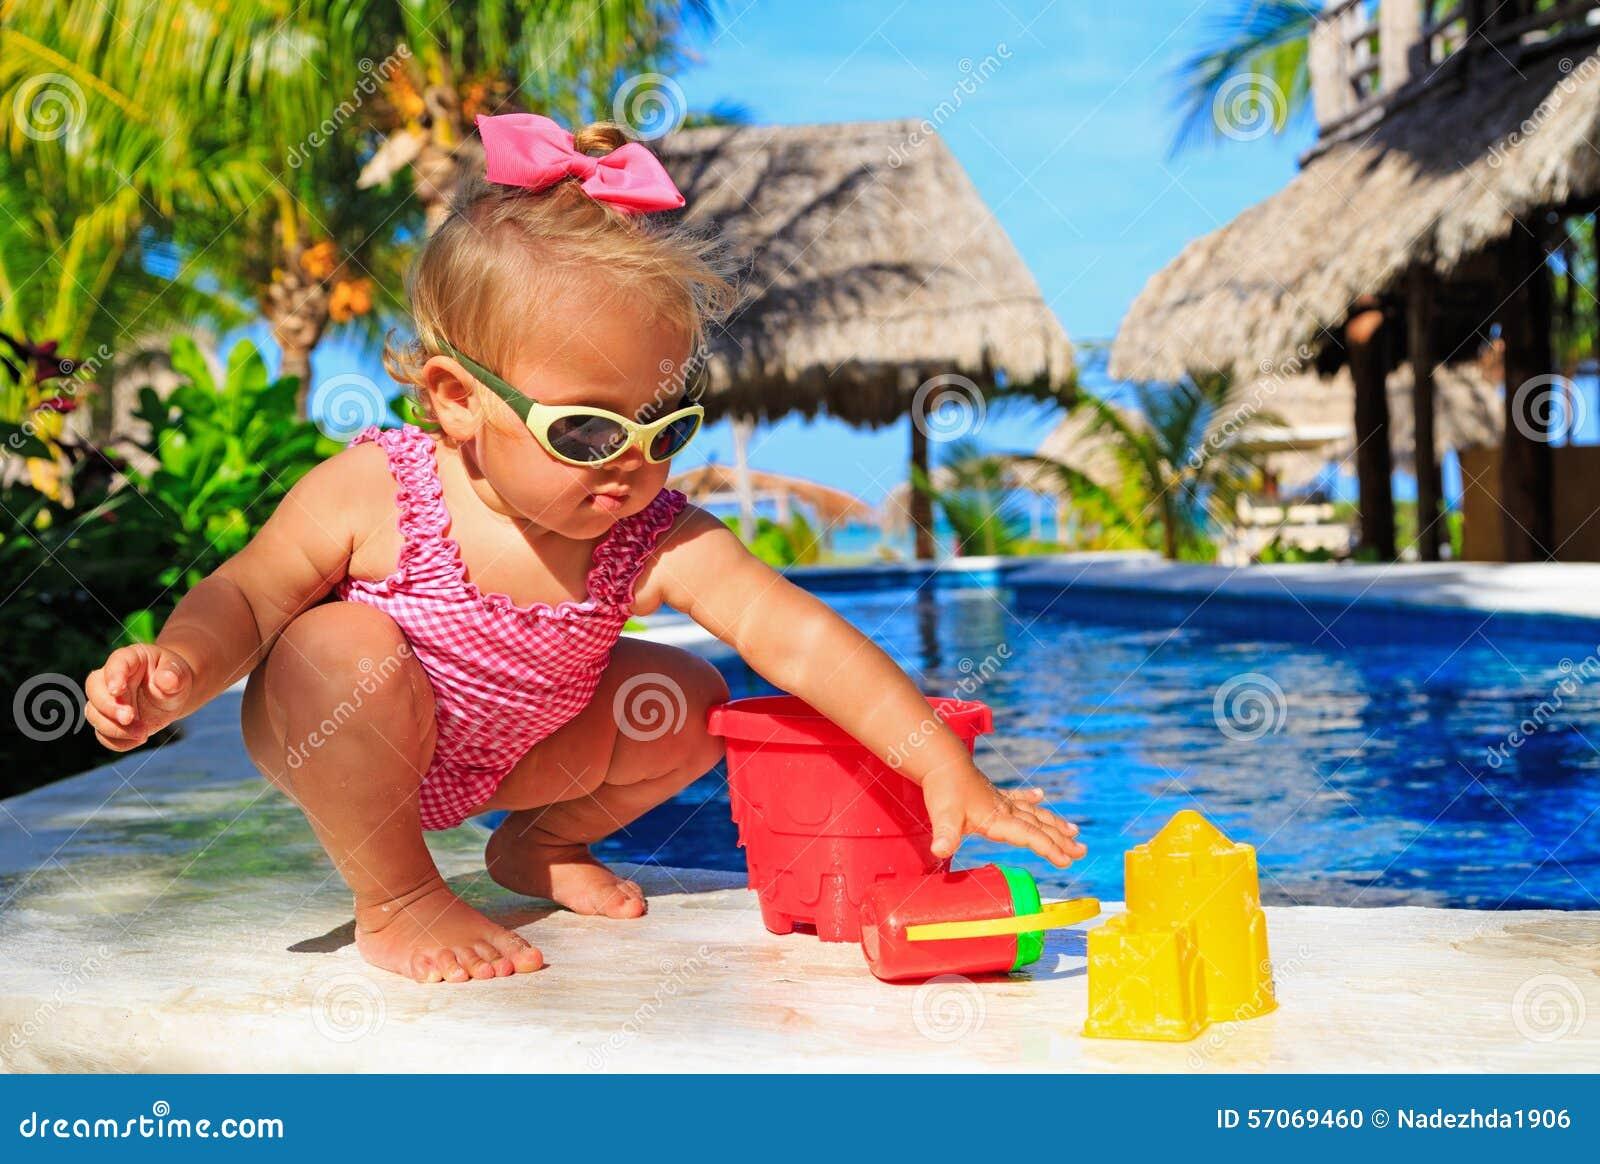 Meisje het spelen in zwembad bij tropisch